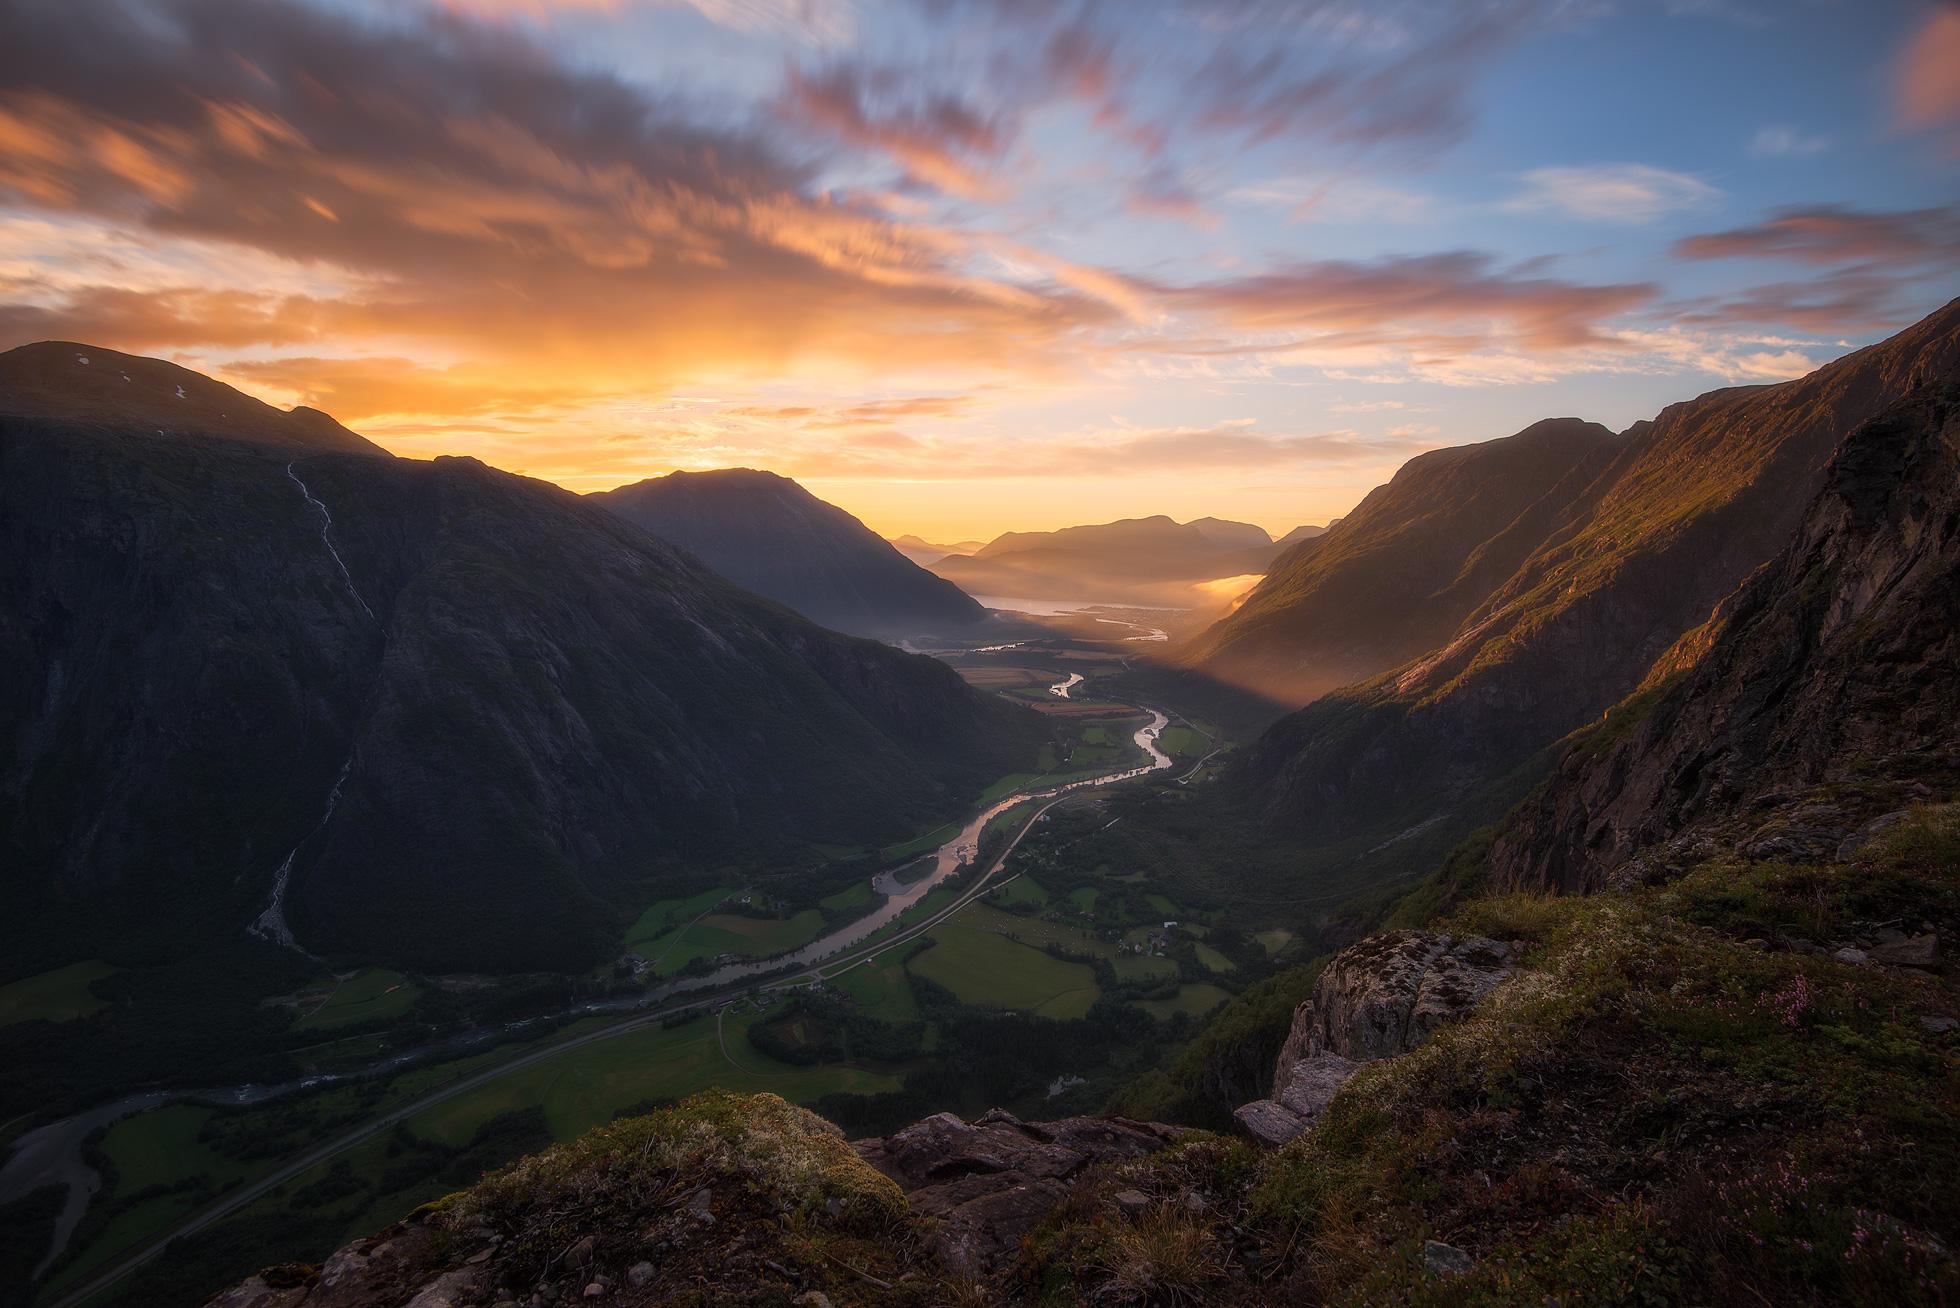 Romsdalen-Sunset-Re-edit.jpg